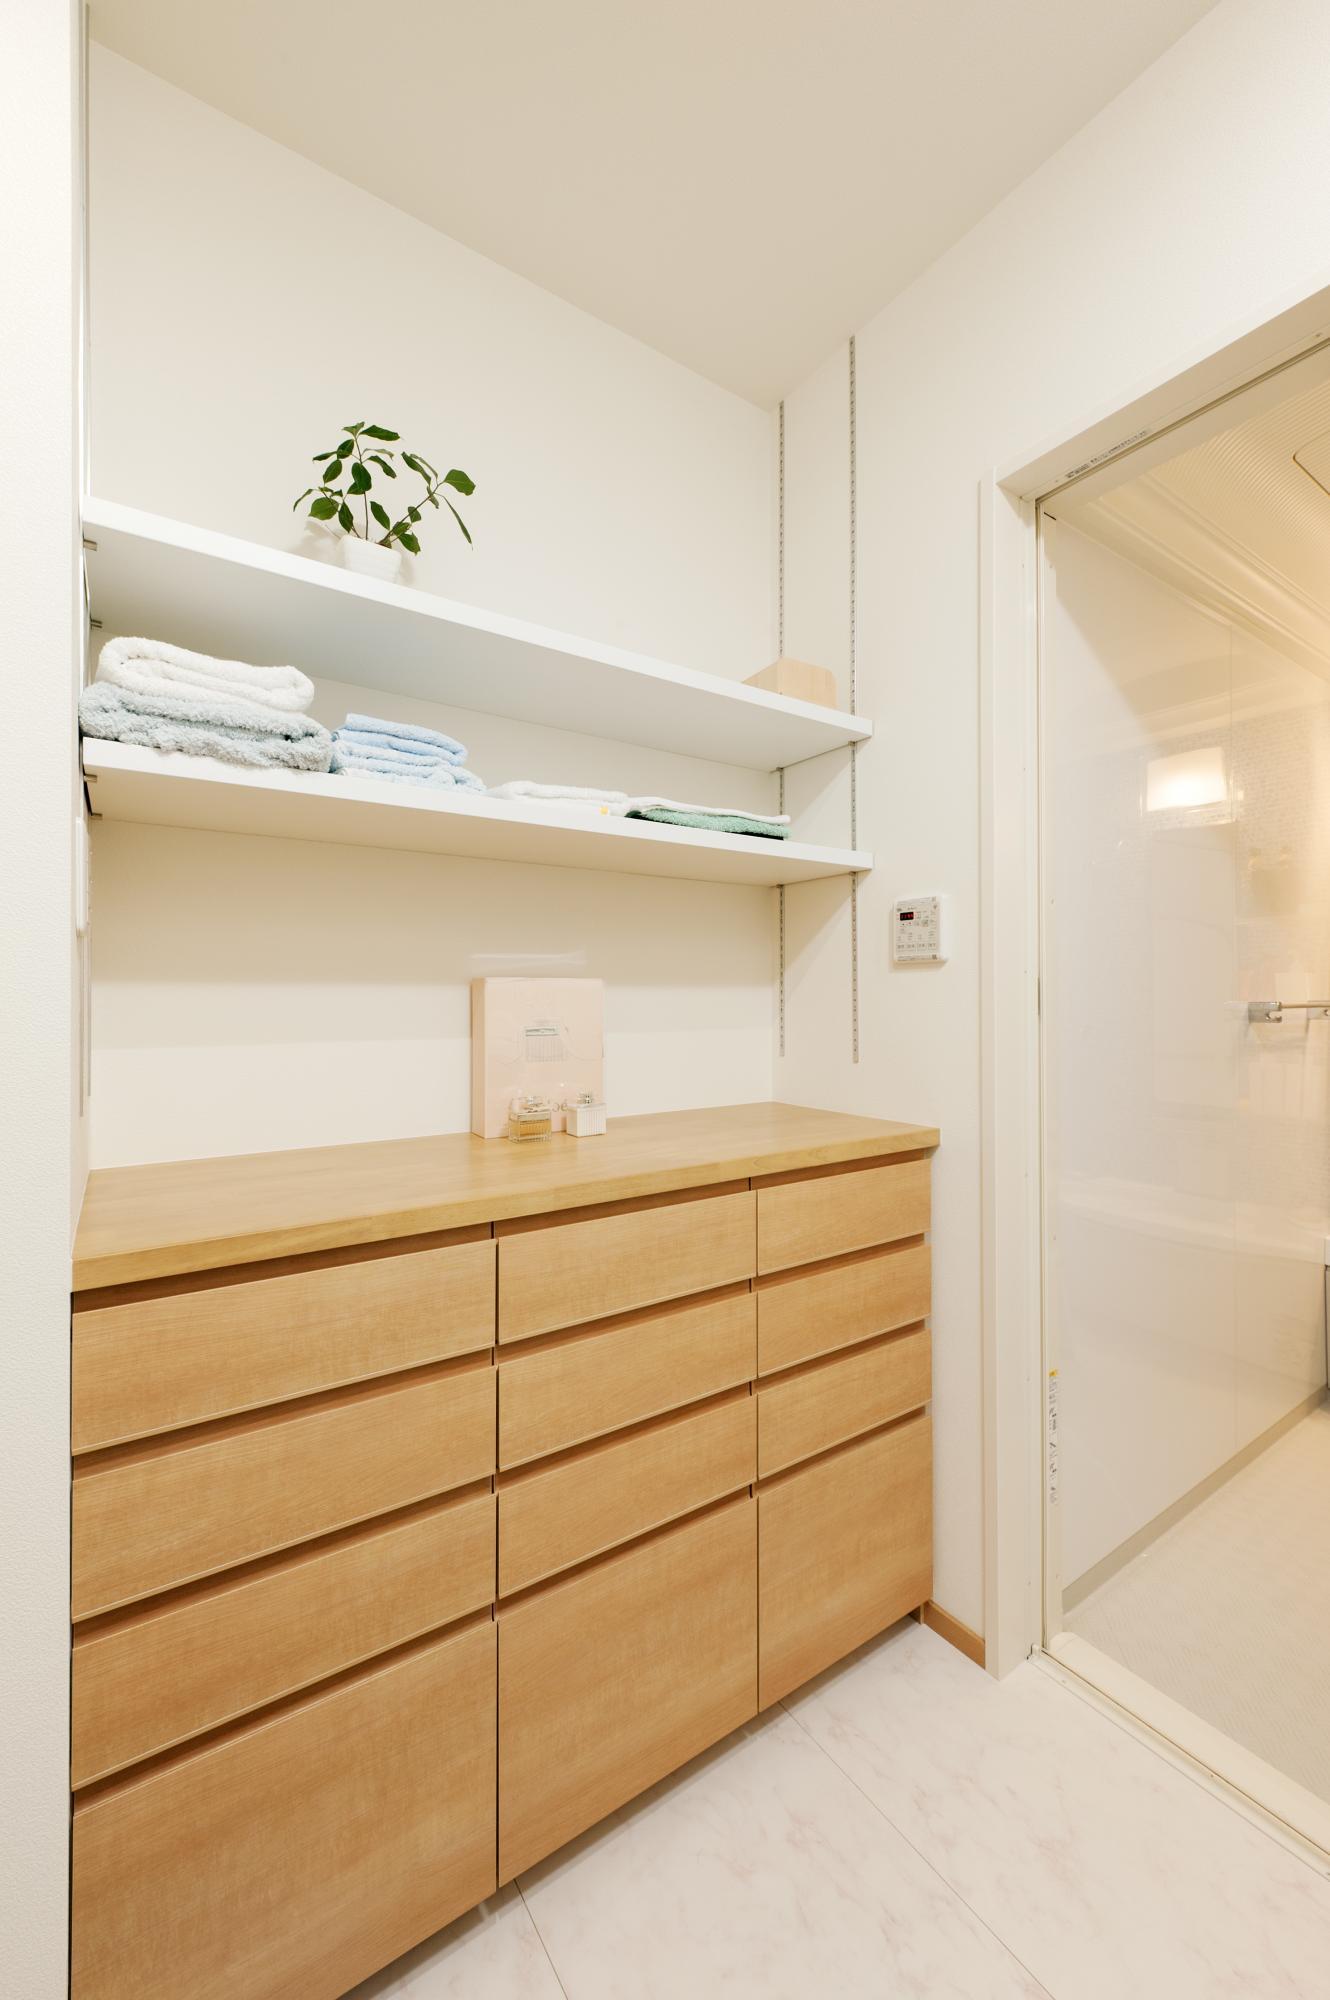 廊下をなくし、そのスペースを活用して洗面脱衣室にも新たに収納カウンターを設けた。